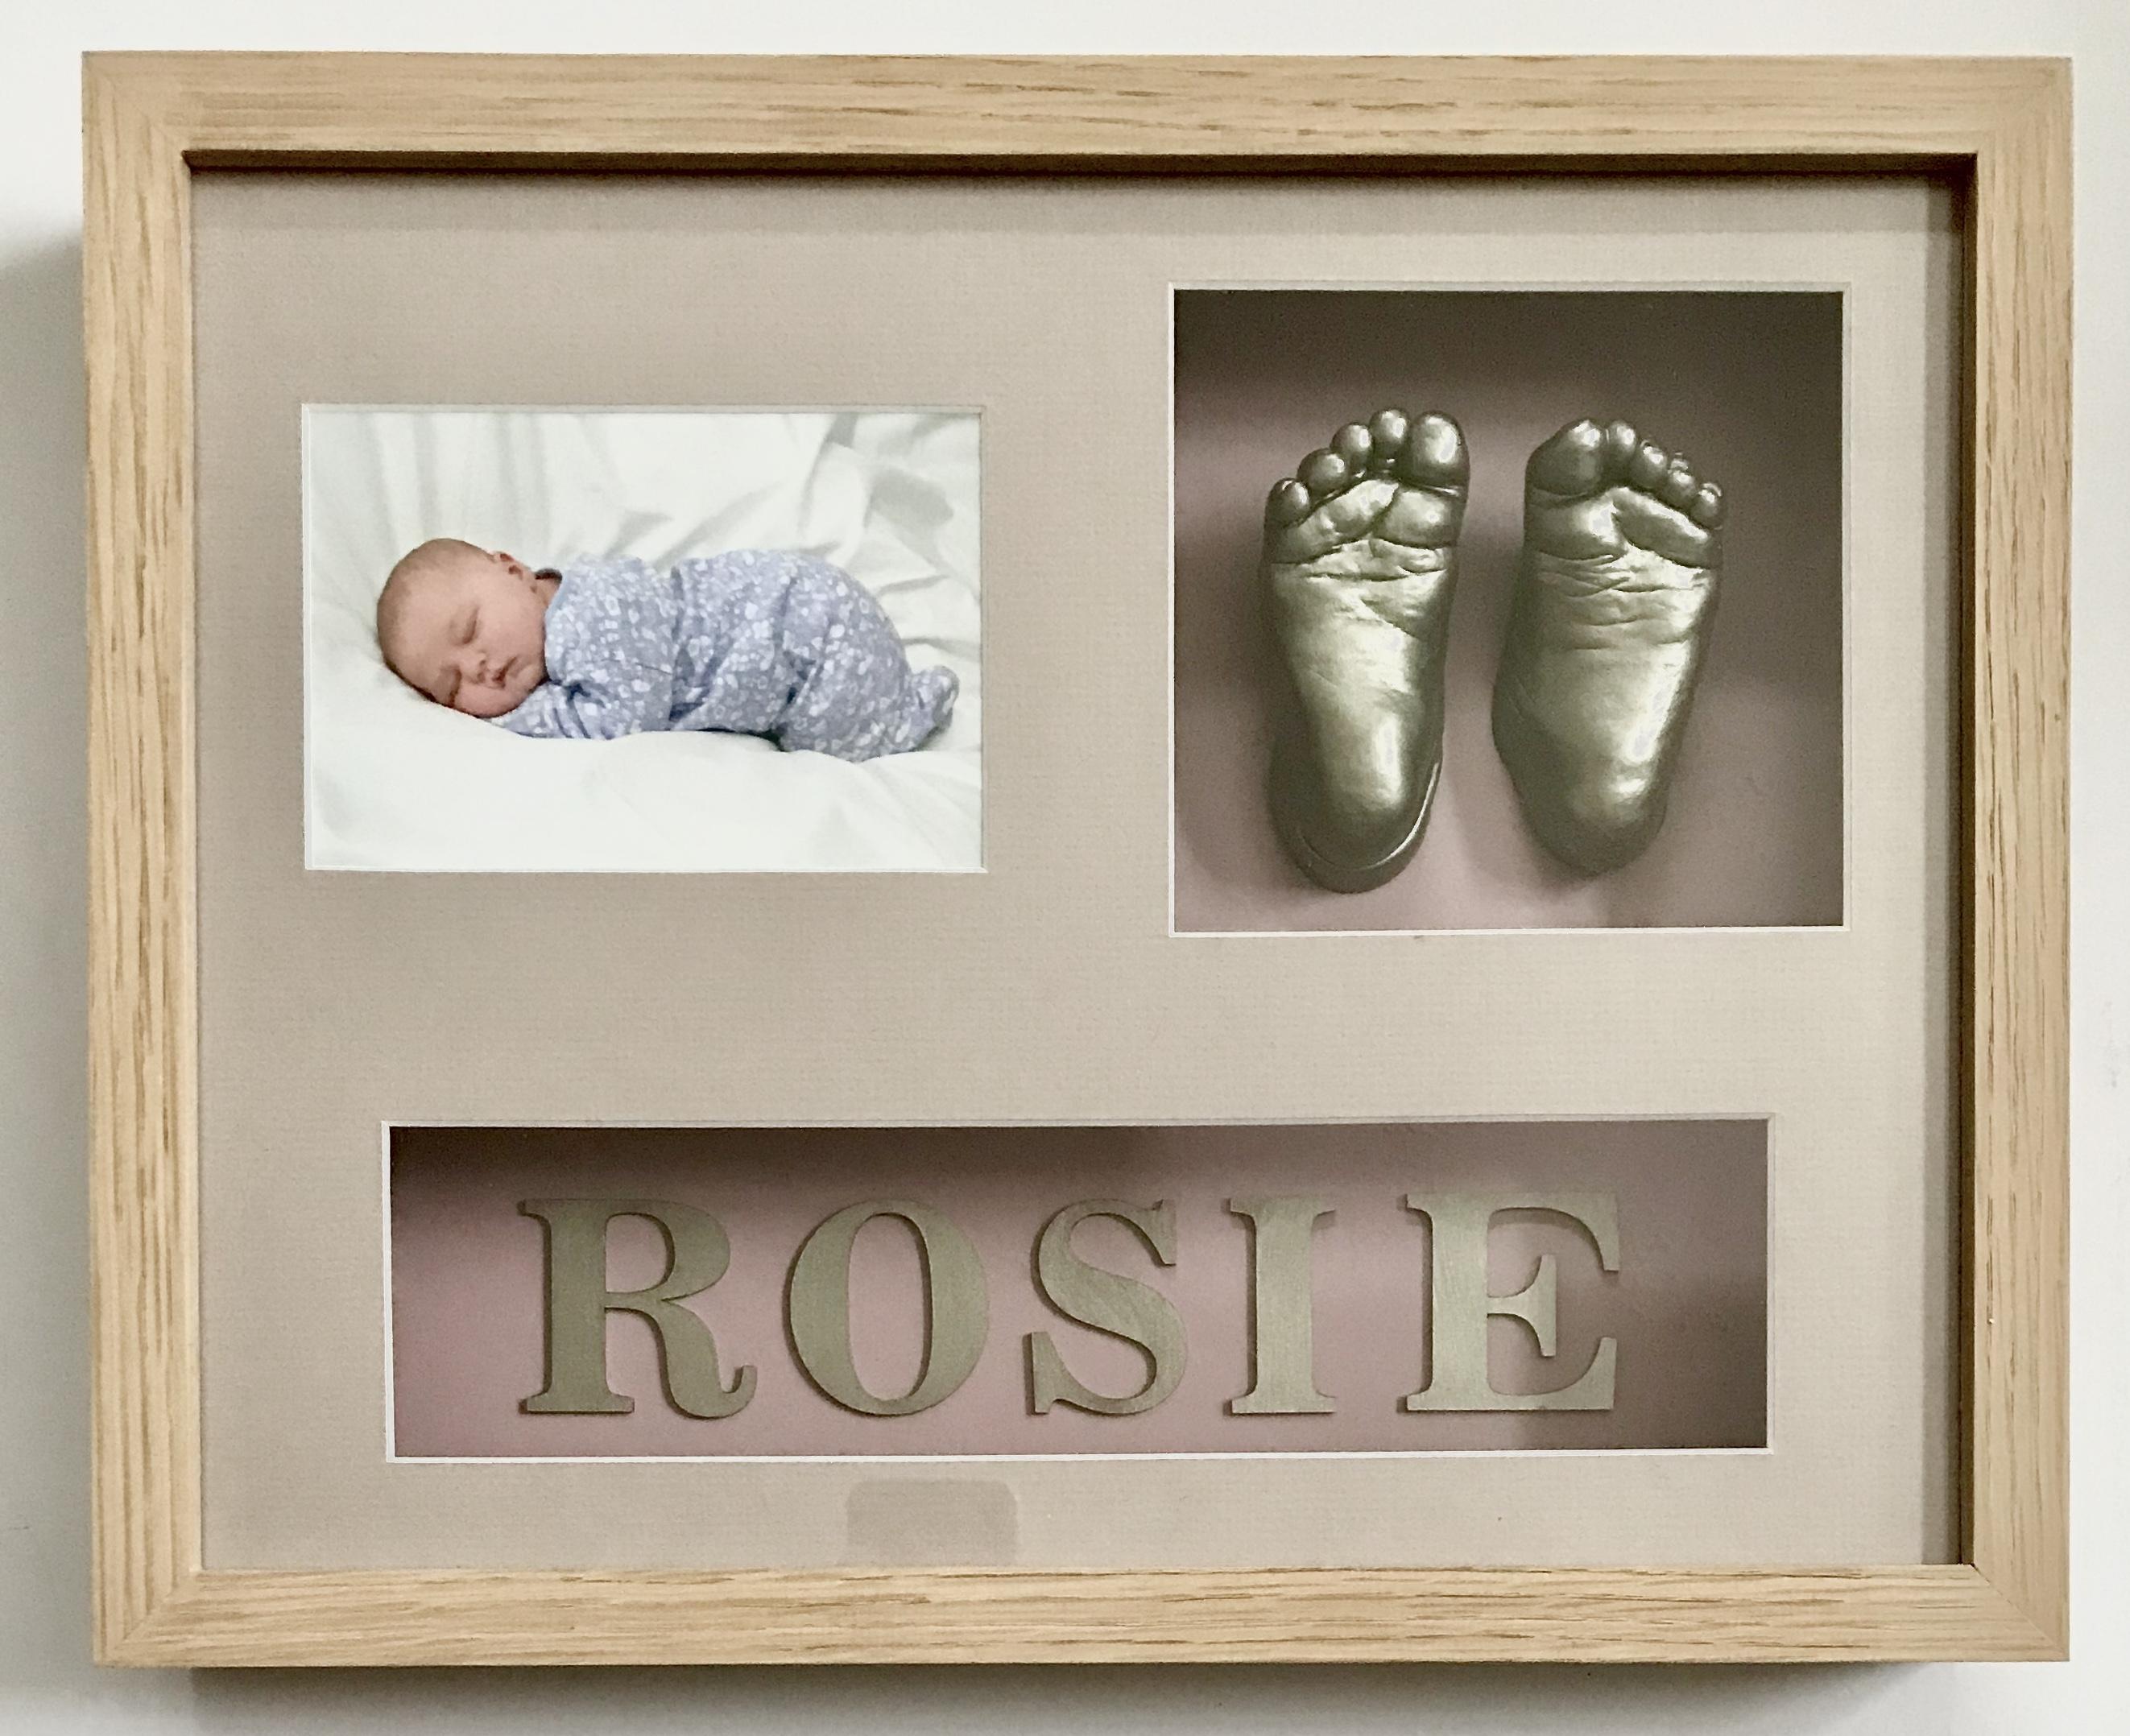 Baby feet casting framed